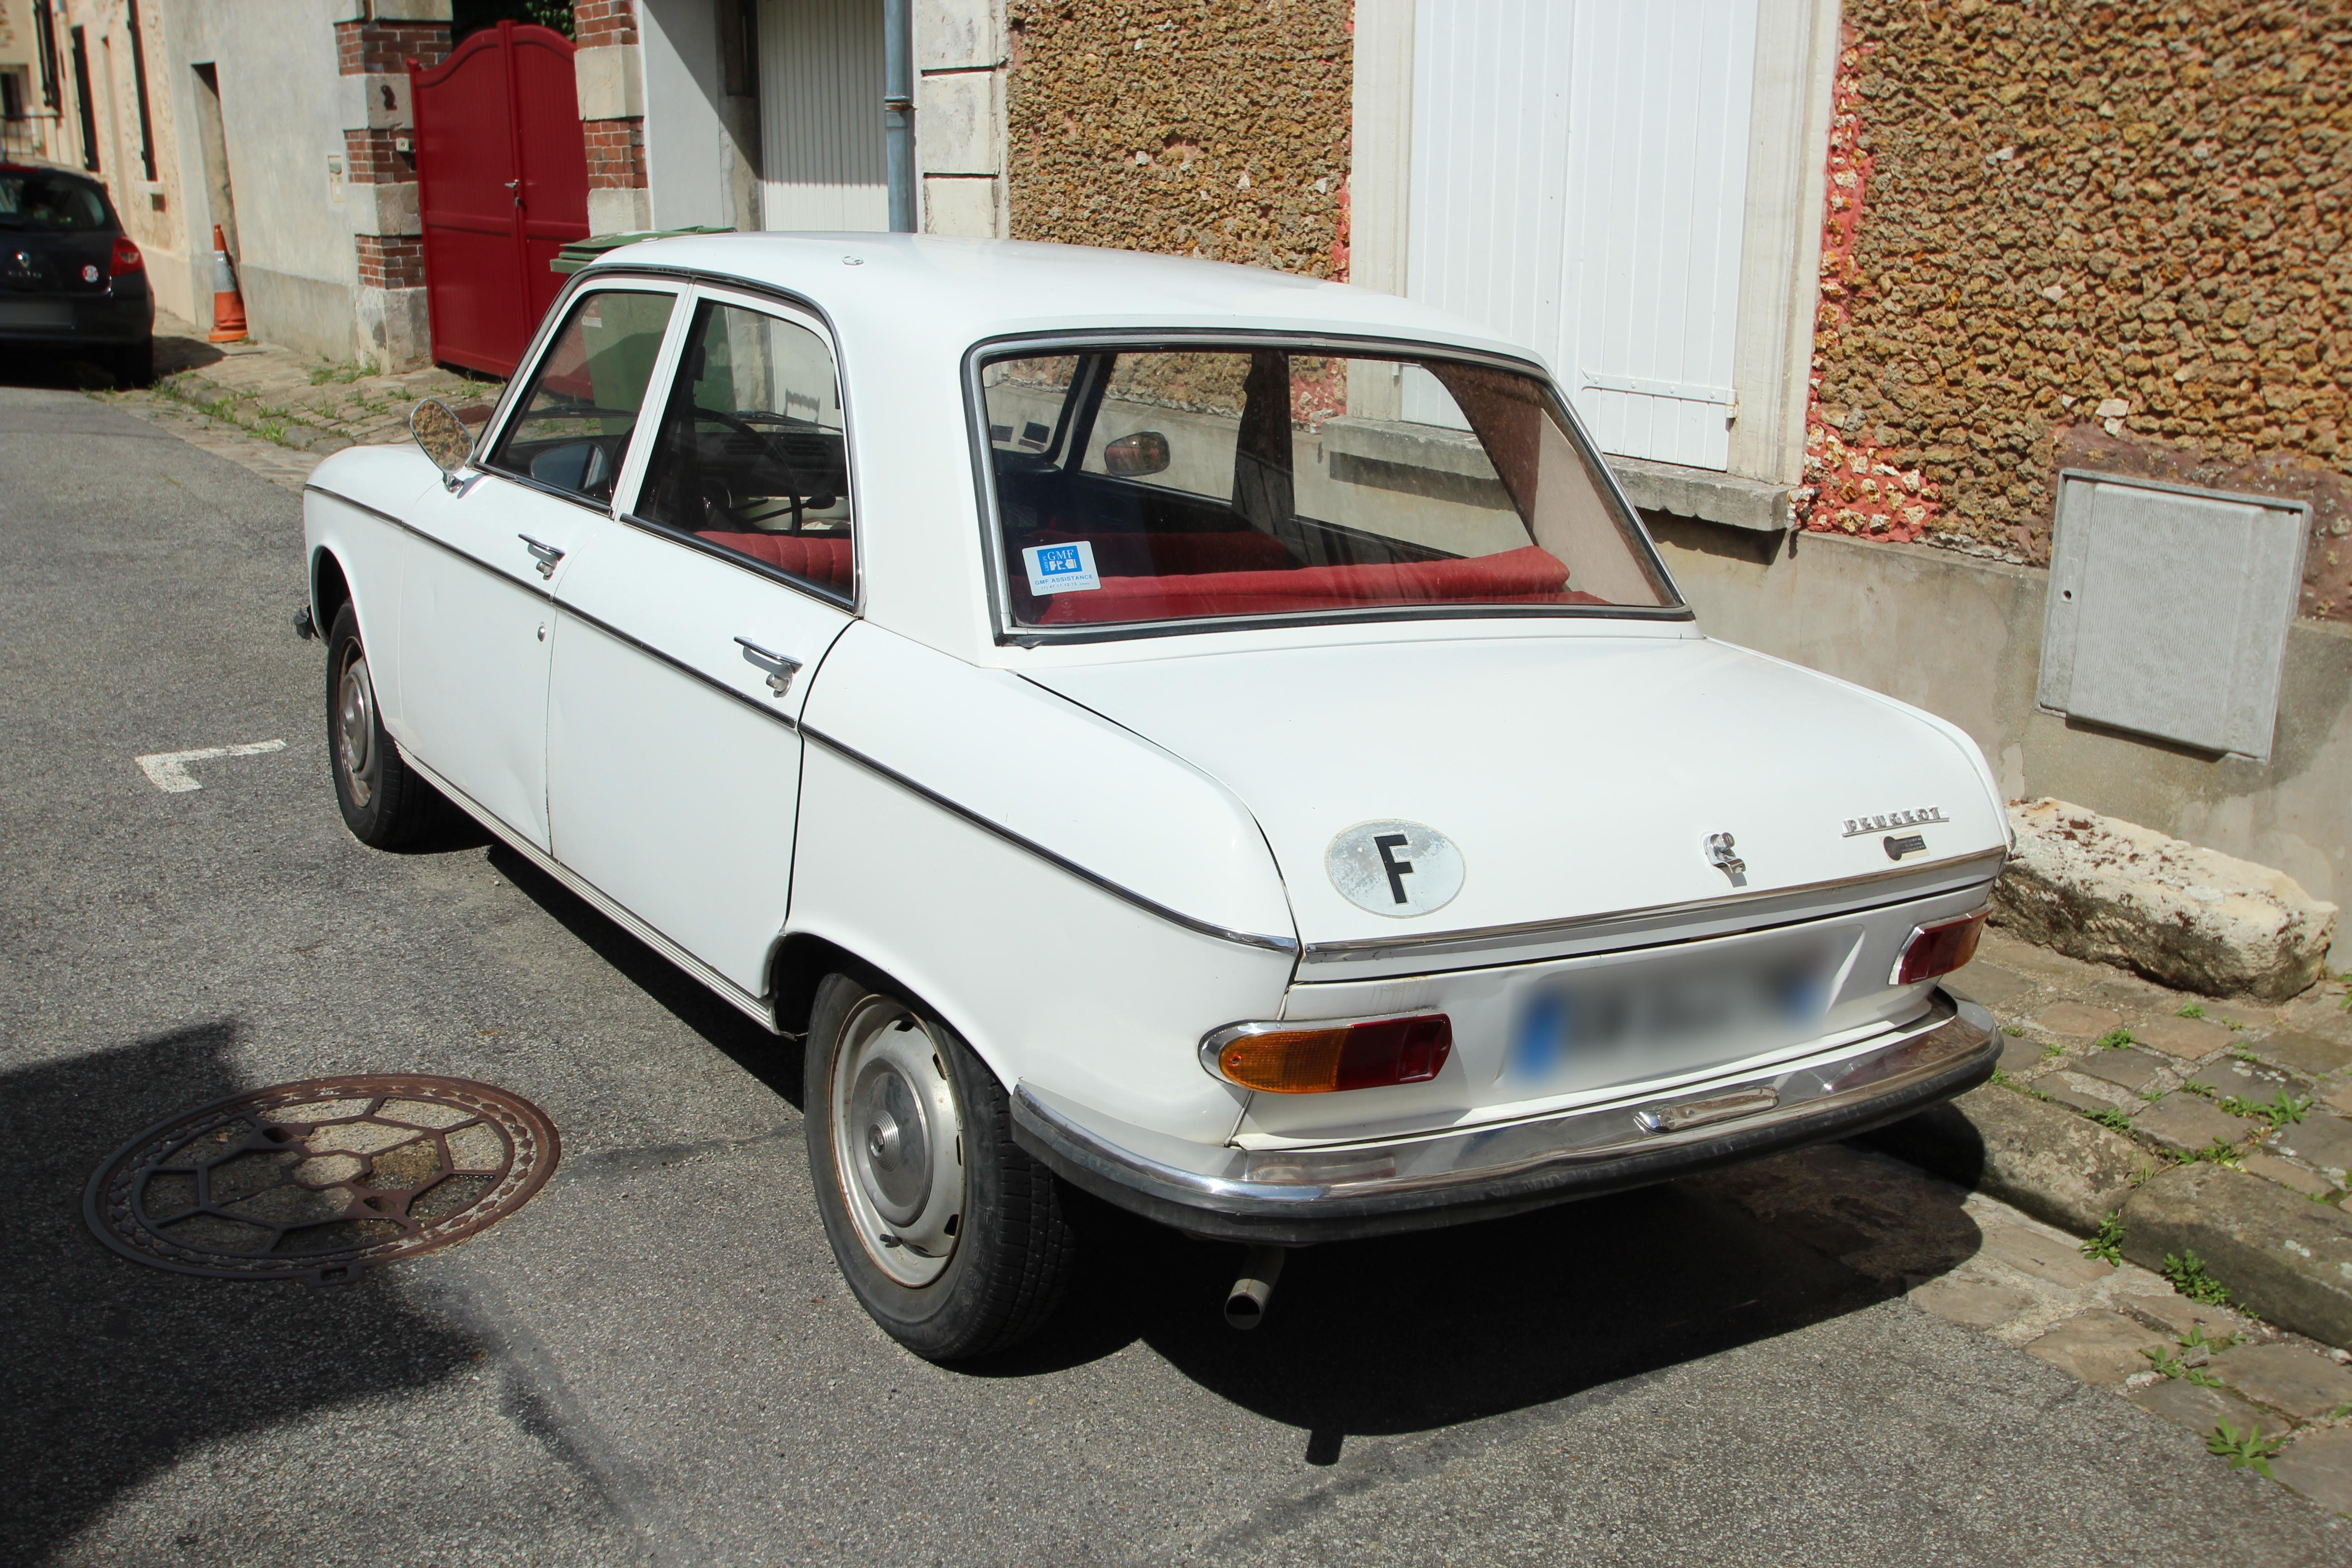 File:Peugeot 204 à Cernay-la-Ville Le 26 Août 2015